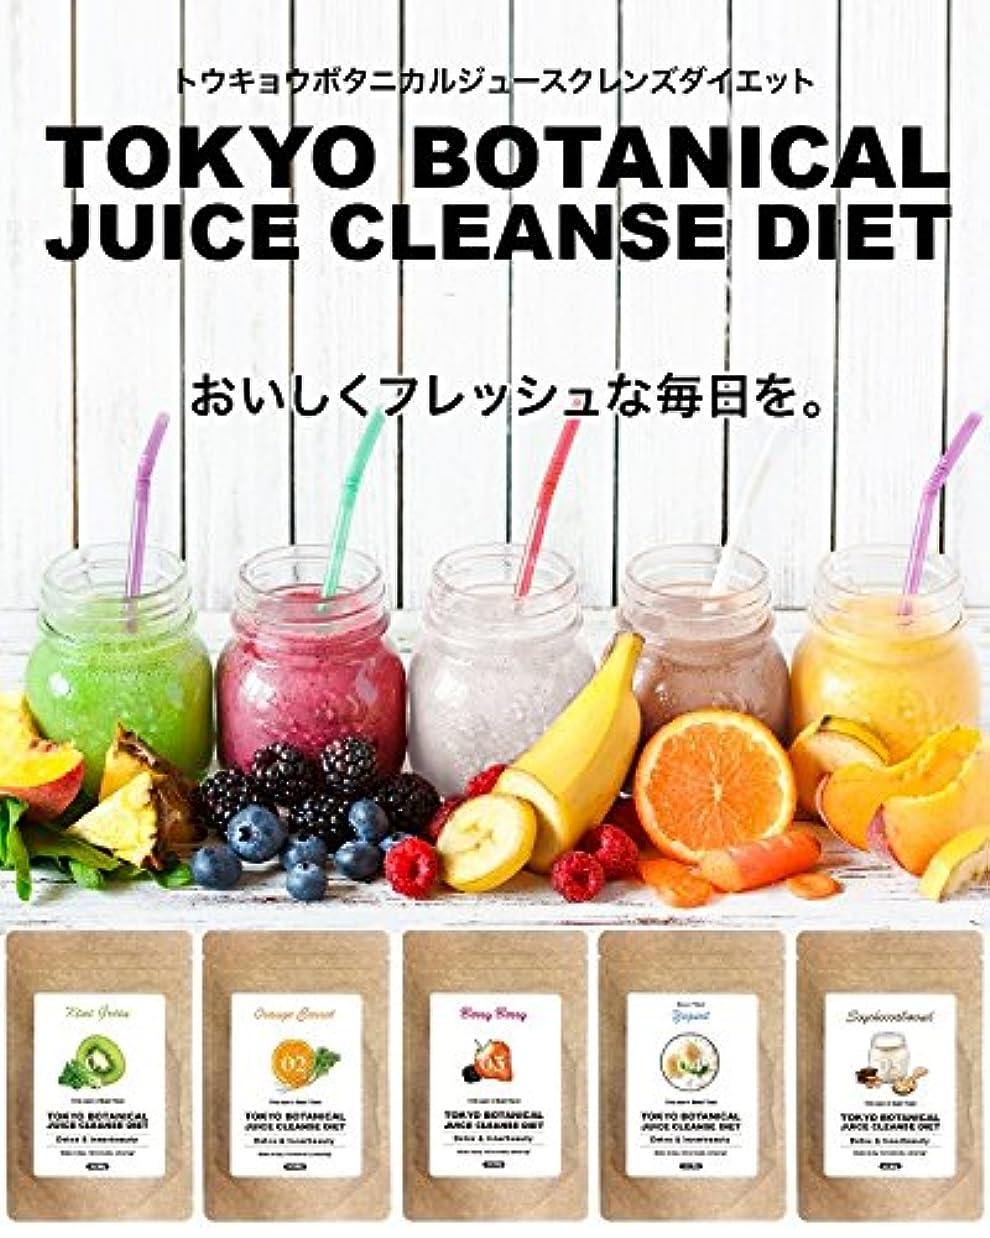 放送華氏以前は東京ボタニカルジュースクレンズダイエット オレンジキャロット&ソイチョコアーモンドセット